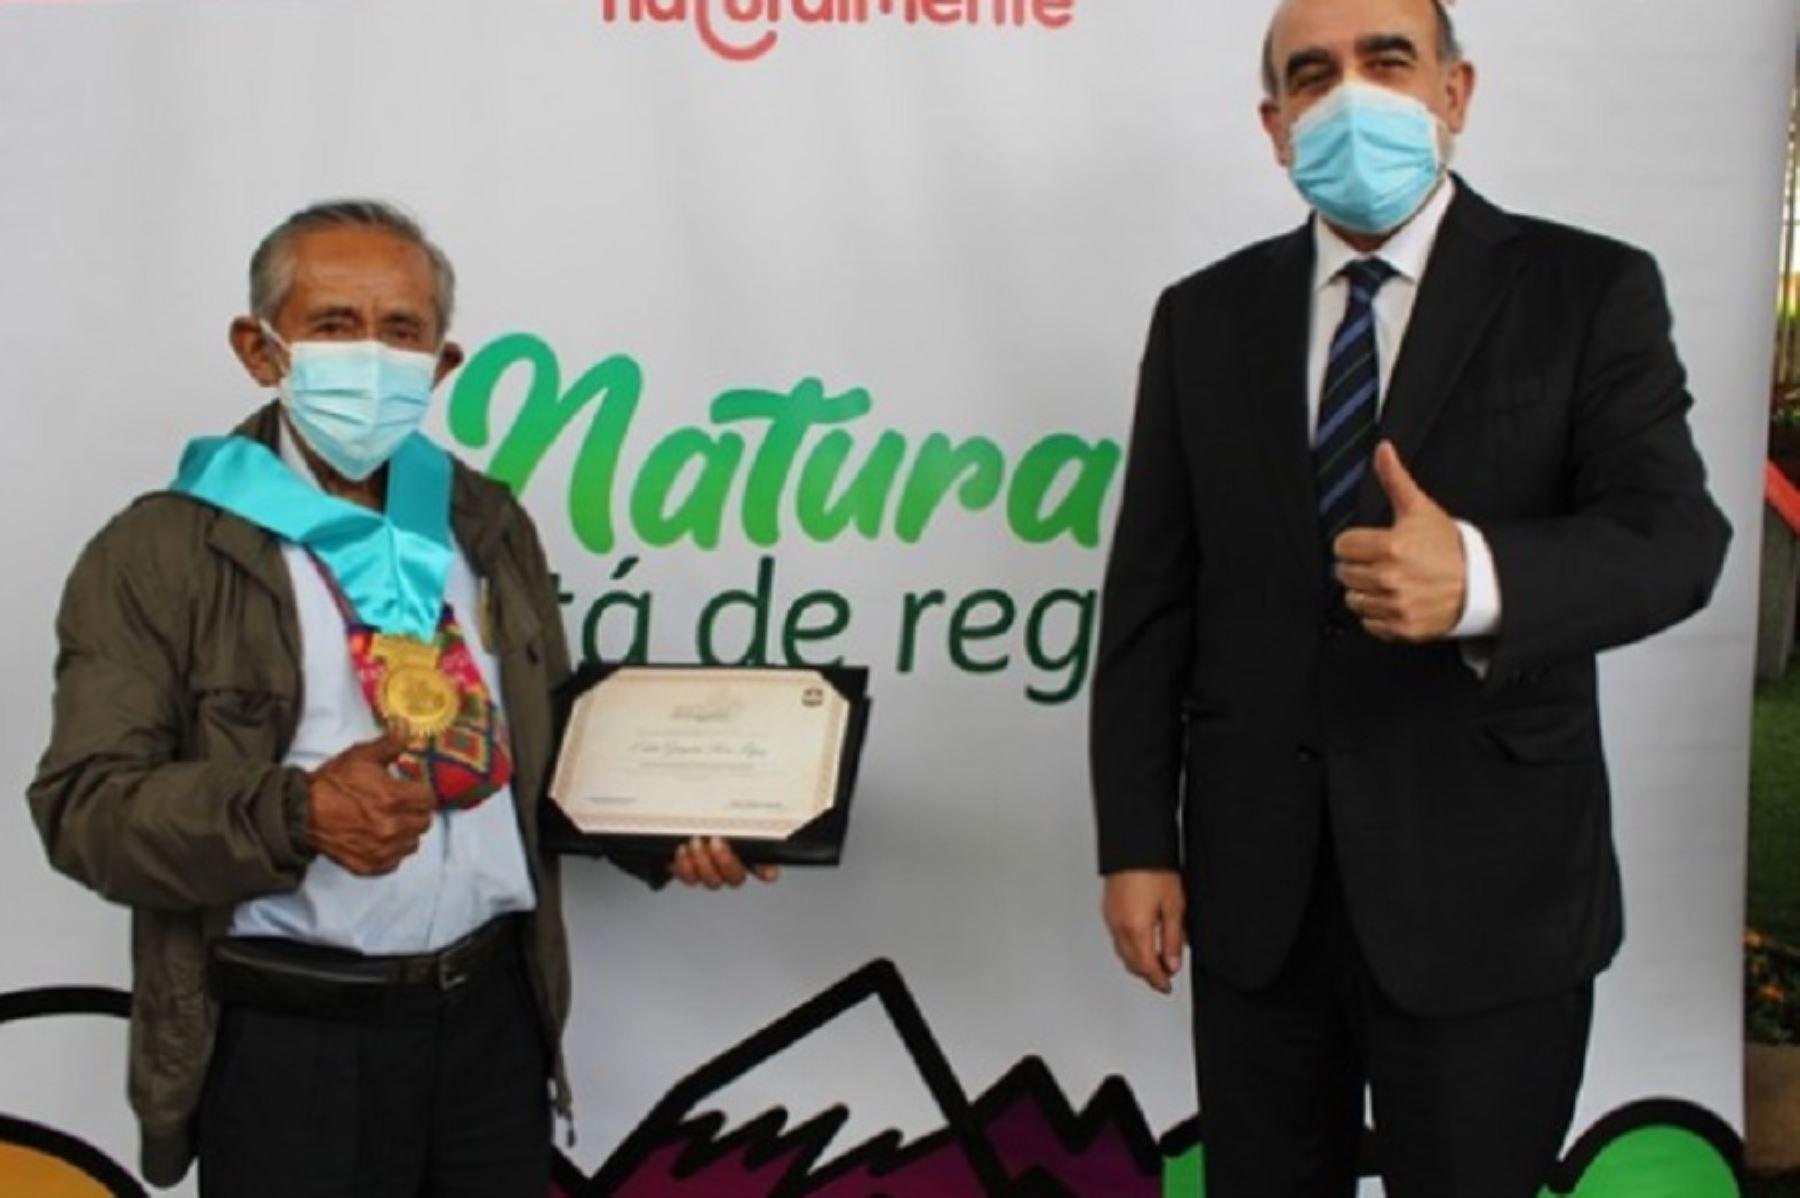 """El Ministerio del Ambiente (Minam) condecoró al agricultor huarochirano Gregorio Ríos con la """"Orden del Árbol de la Quina"""", en su grado de Gestor de la Conservación, por su contribución a la conservación y uso sostenible de los recursos hídricos en el país."""